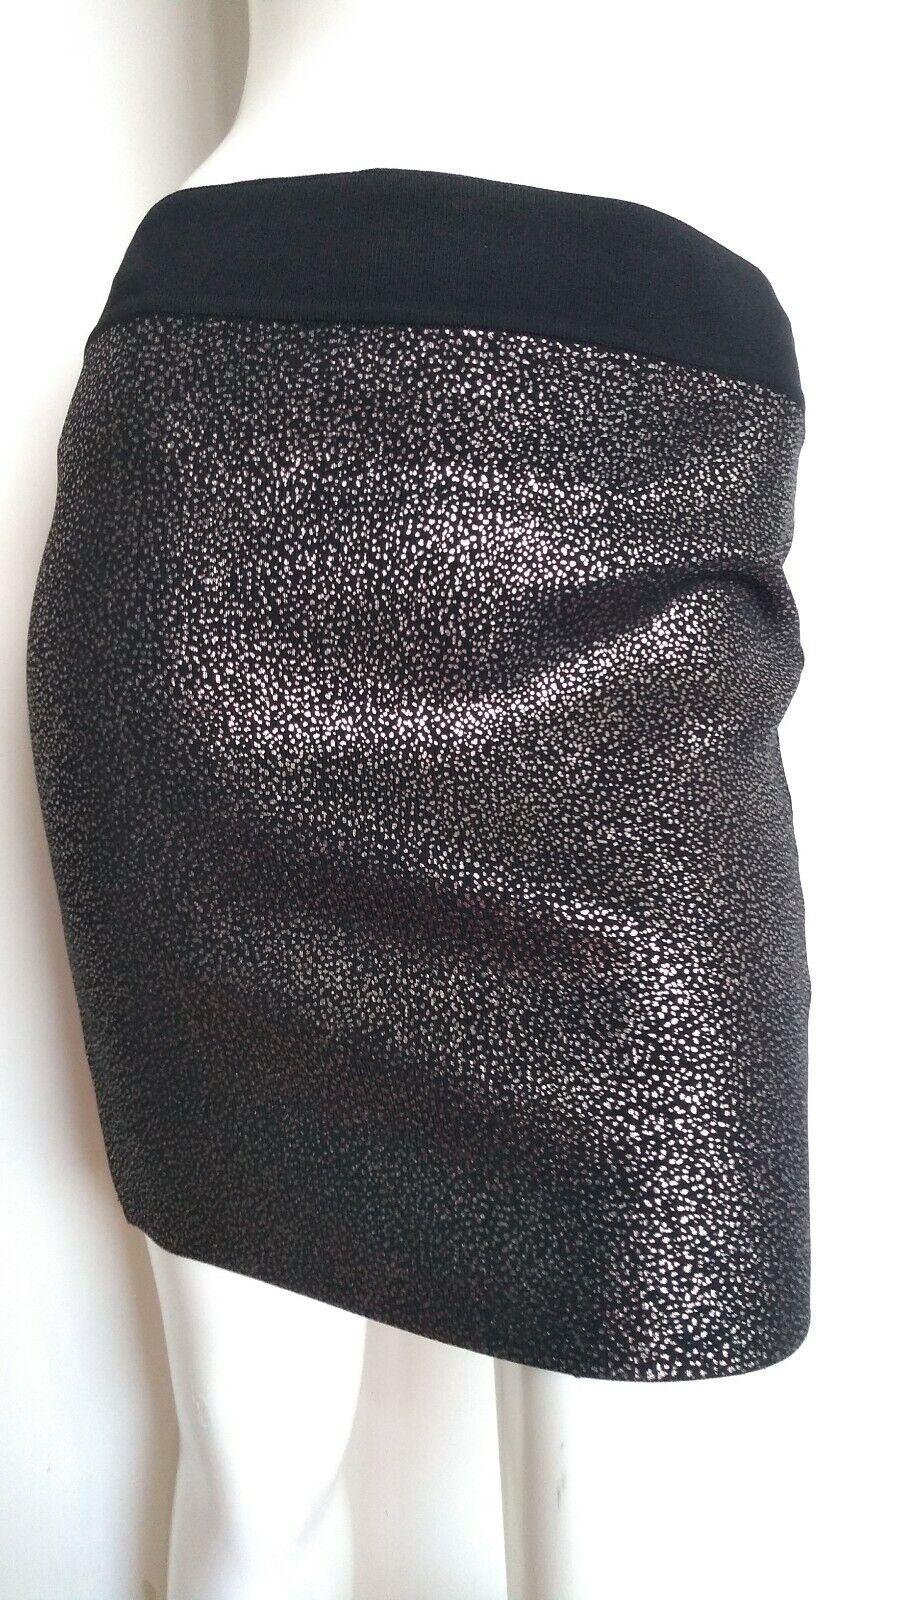 Designer REISS Georgie knitted mettuttiic skirt Größe XS --BRe neu-- schwarz Gold